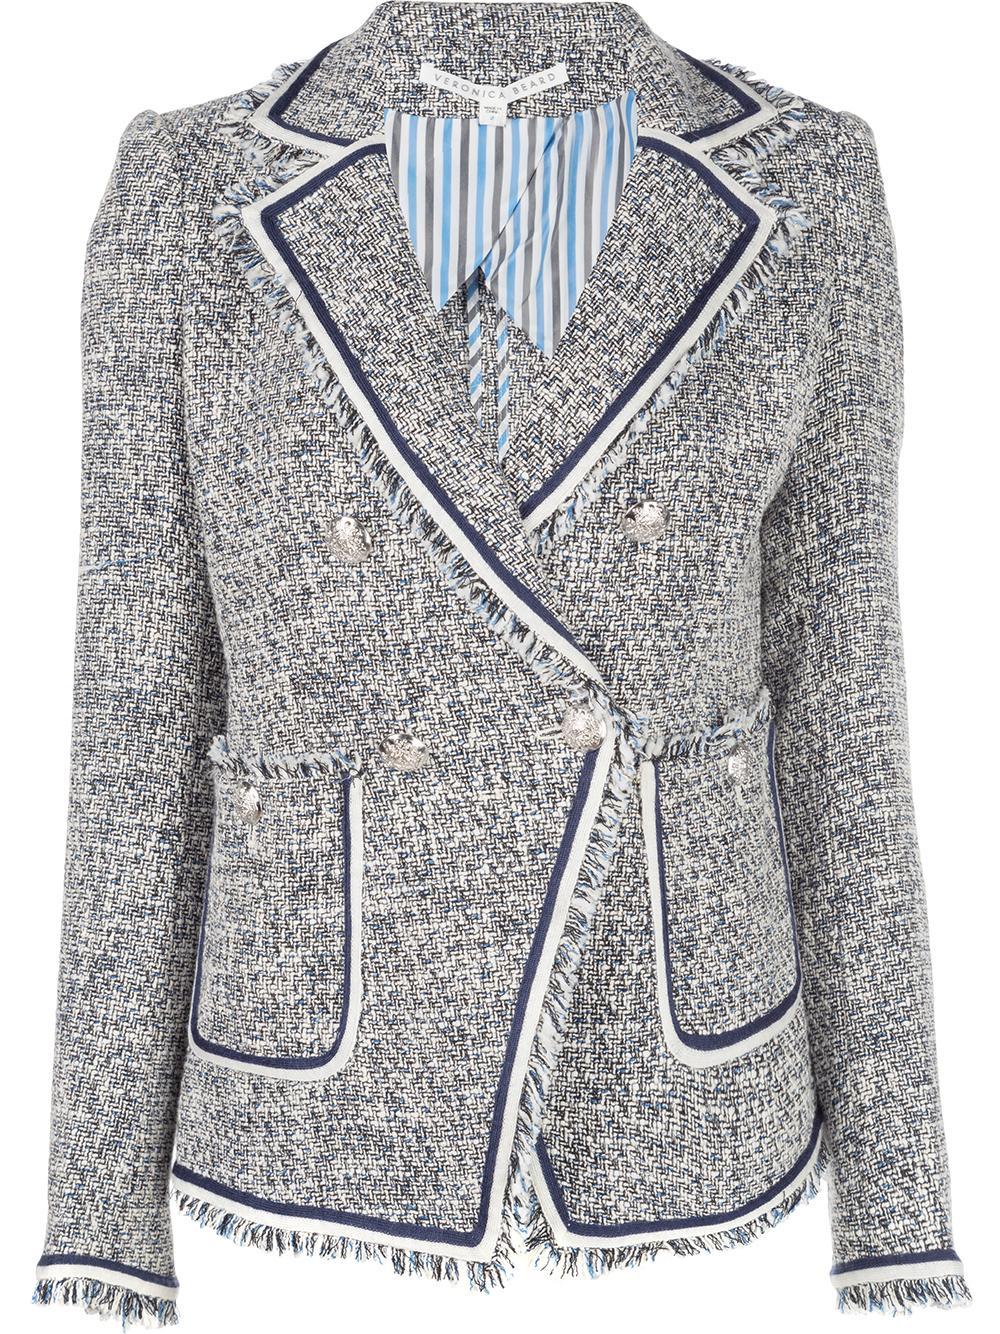 Theron Tweed Jacket With Fringe Hem Item # 1907TW0151445